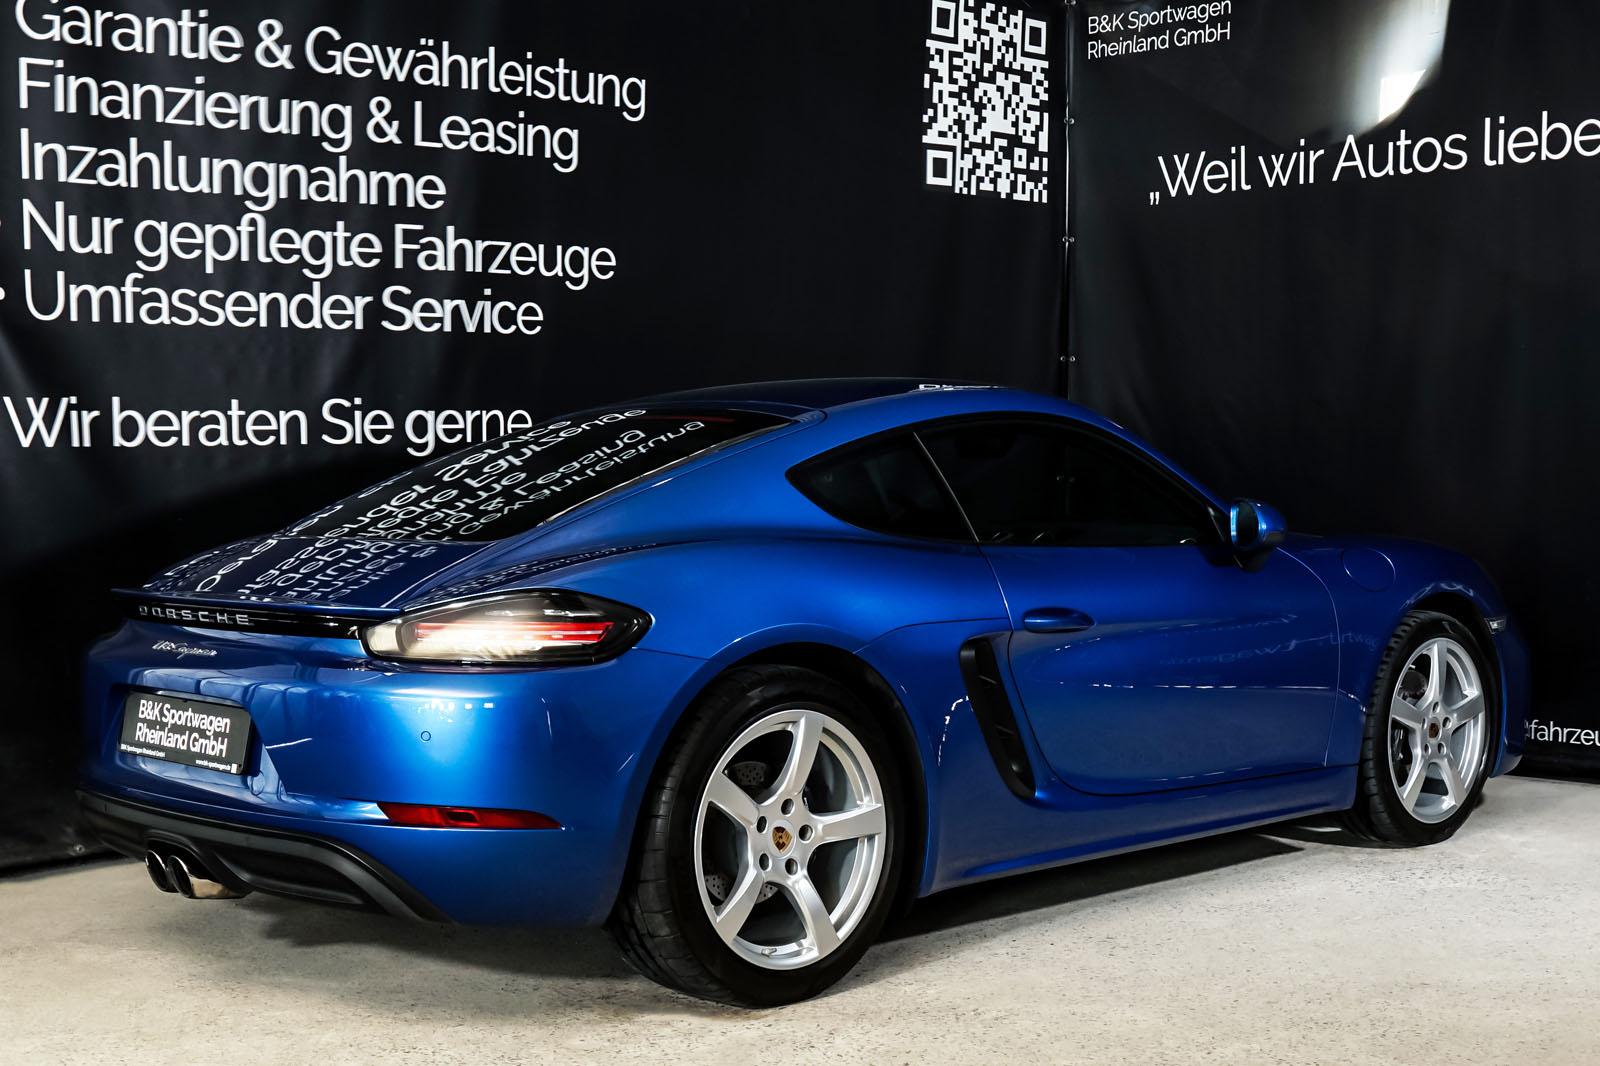 Porsche_Cayman_Blau_Schwarz_POR-0613_14_w